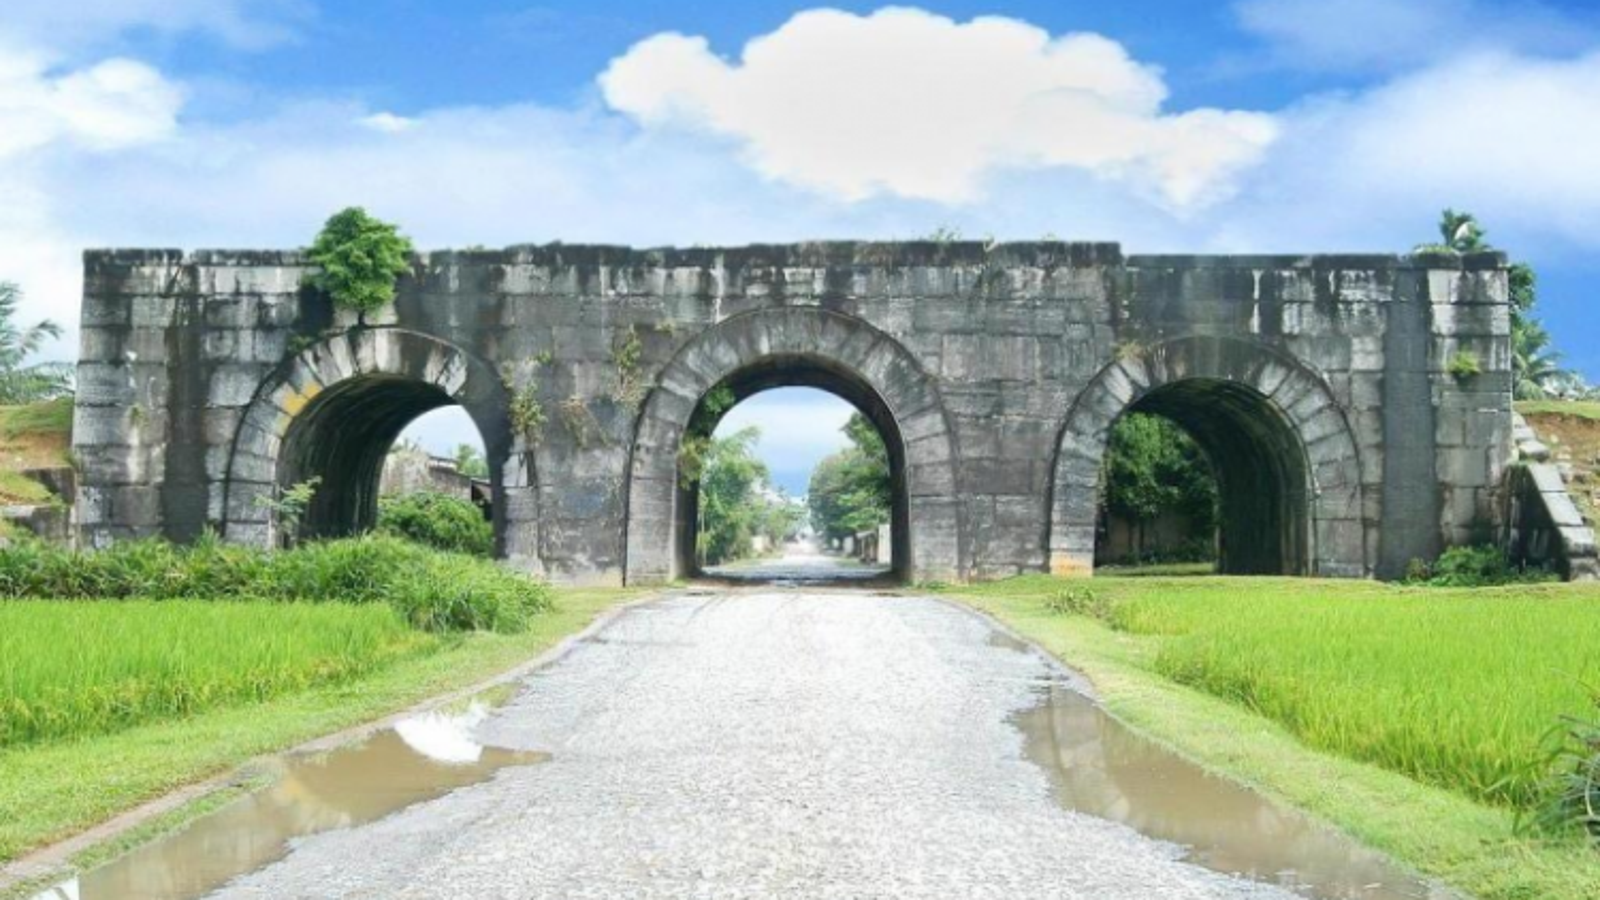 Khai quật khảo cổ Khu vực bên trong Thành nội Di sản Thành Nhà Hồ từ ngày 19/3